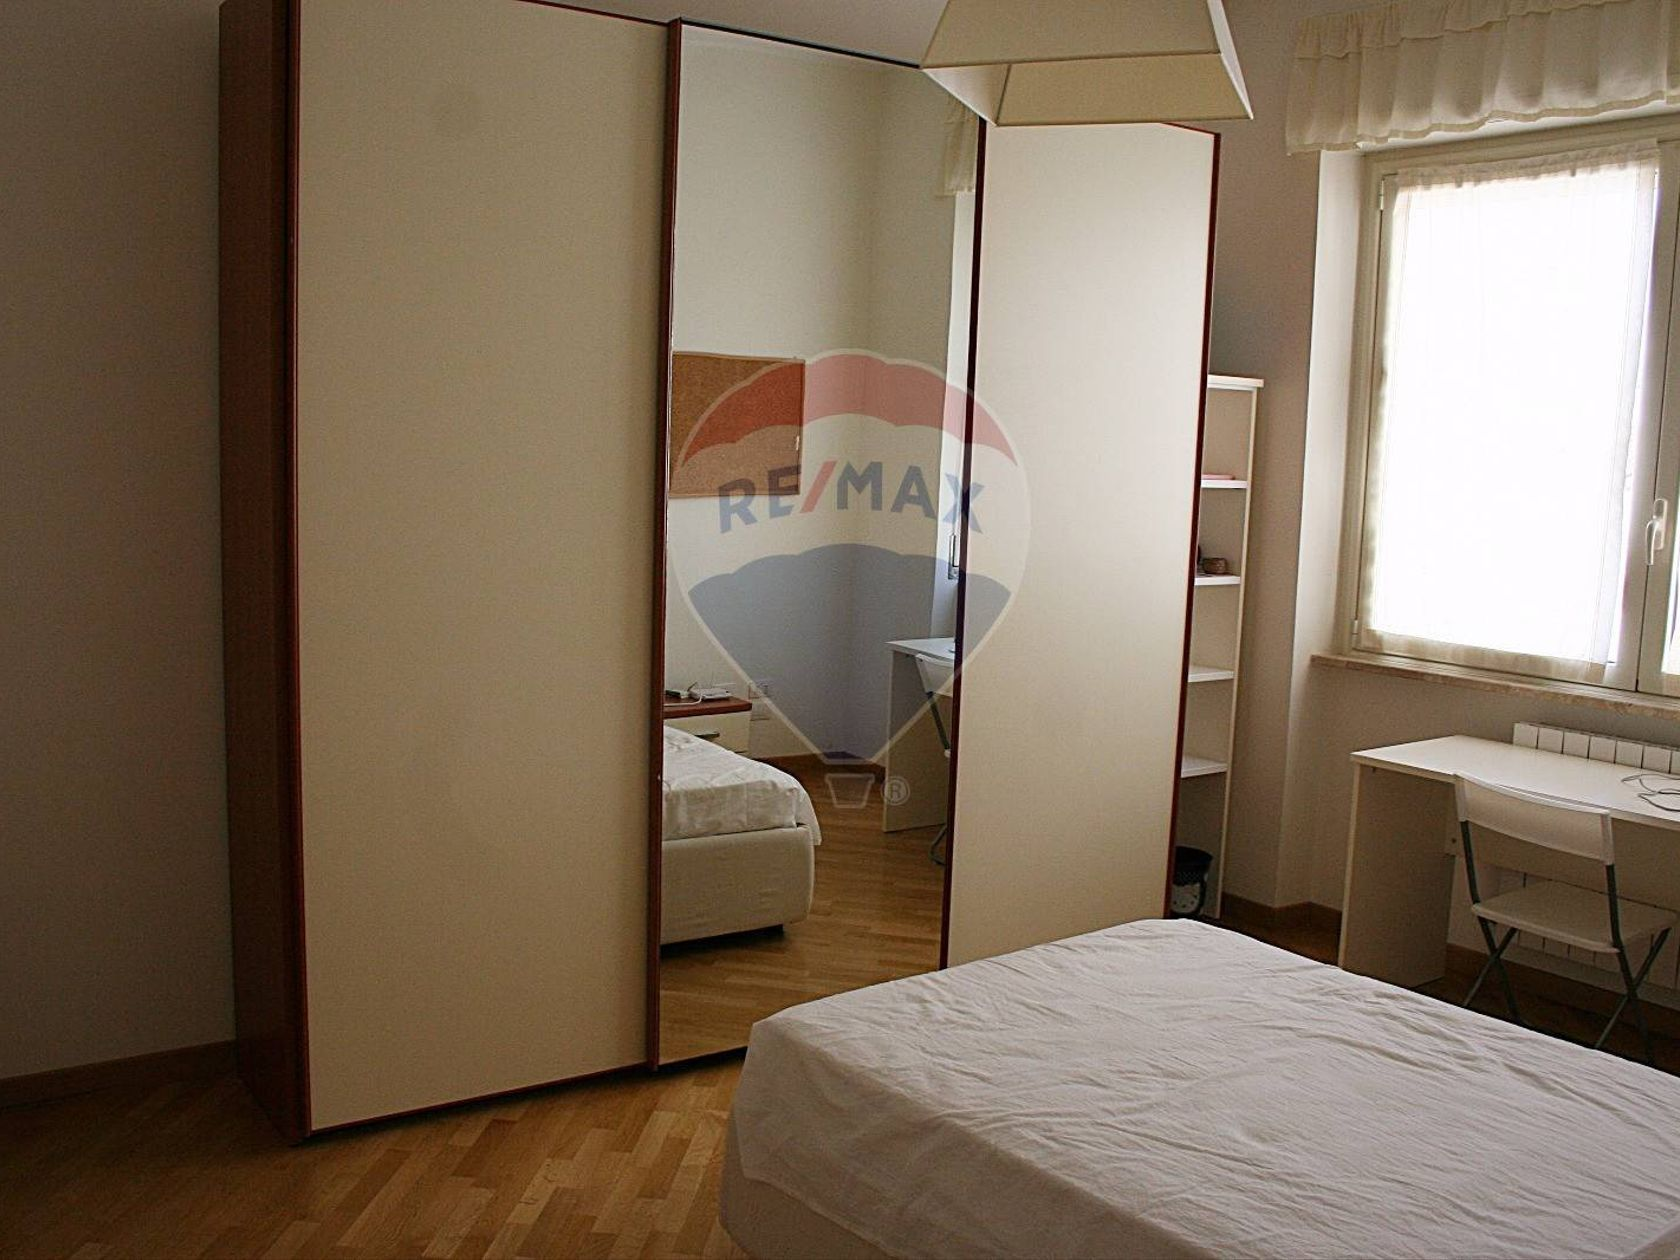 Appartamento San Benedetto, Cagliari, CA Vendita - Foto 9